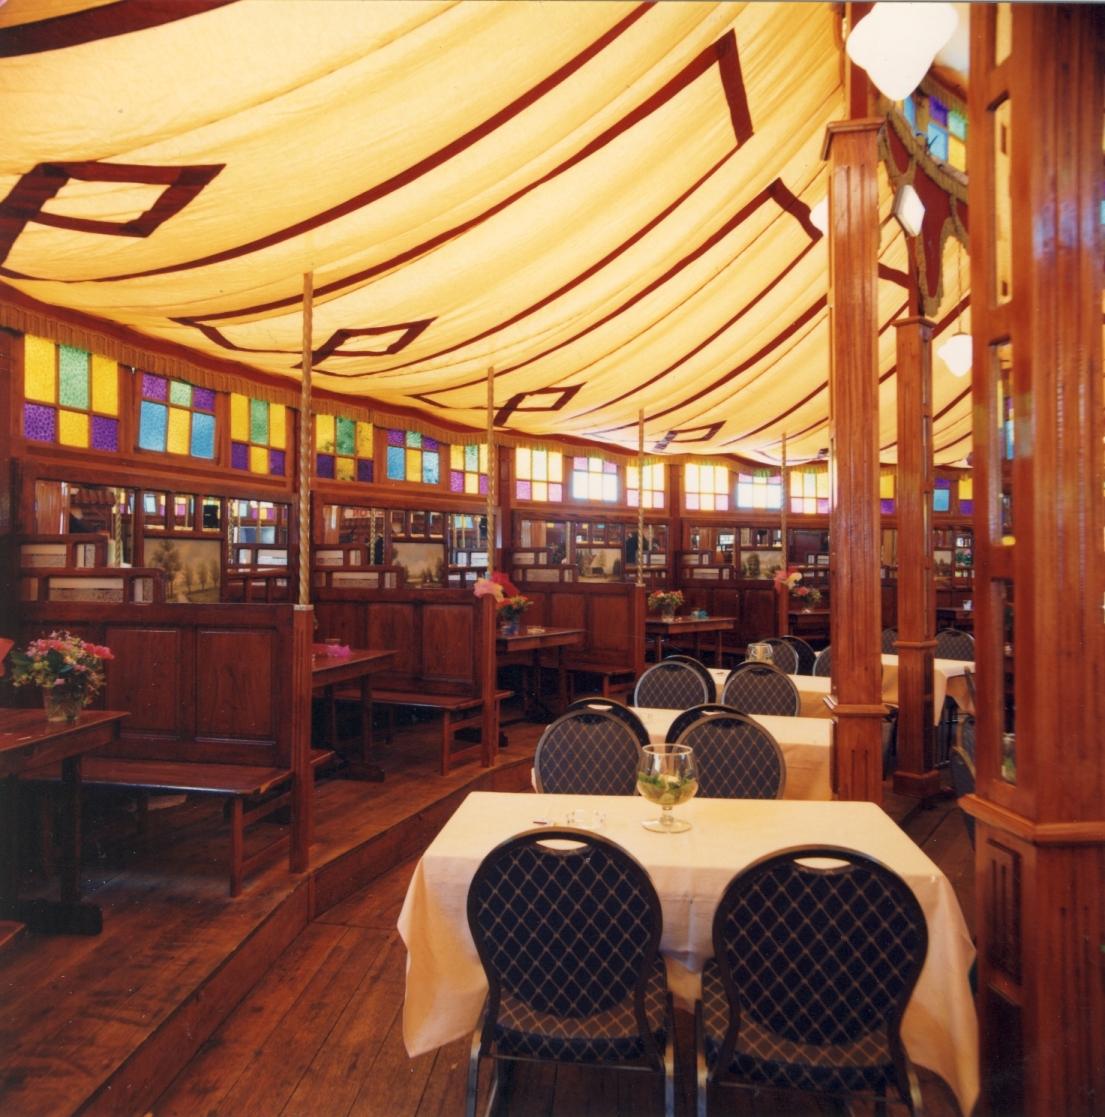 Het Spiegelpaleis - Mirror tent Cristal Palace - loge & Spiegeltent Cristal Palace - Het Spiegelpaleis I spiegeltent hire